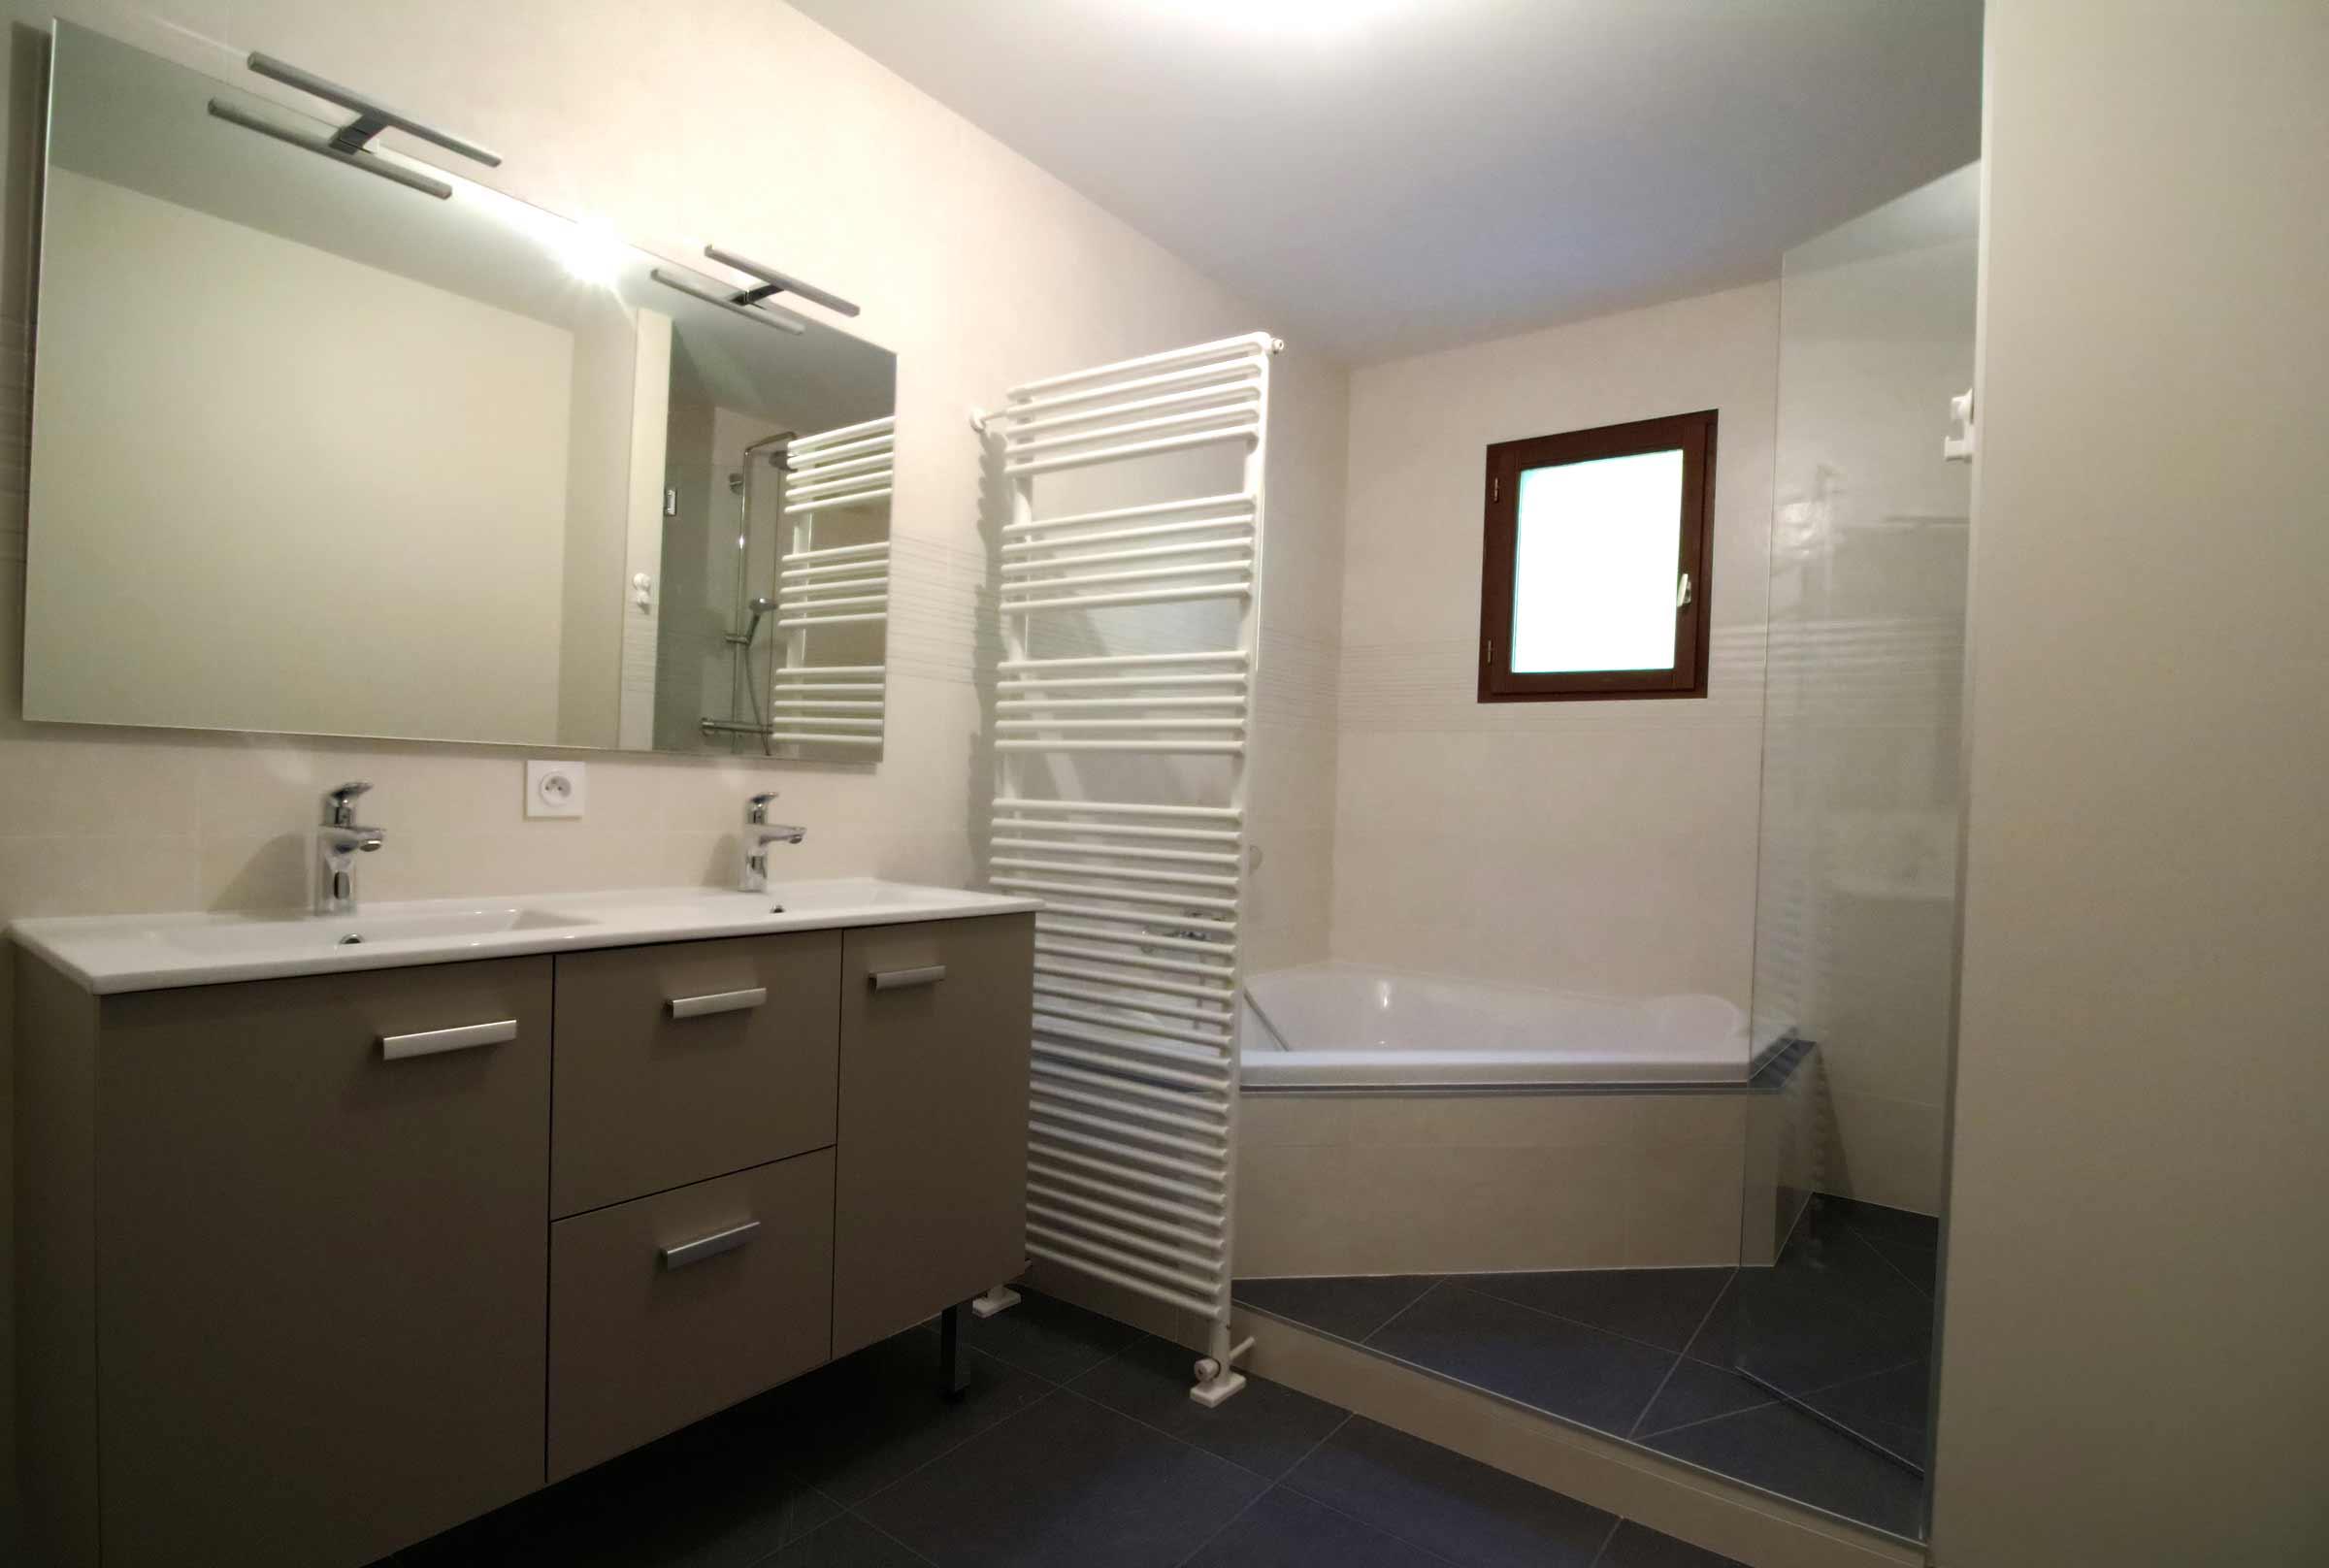 baignoire d'angle avec un sèche serviette en claustra et une douche à l'italienne.